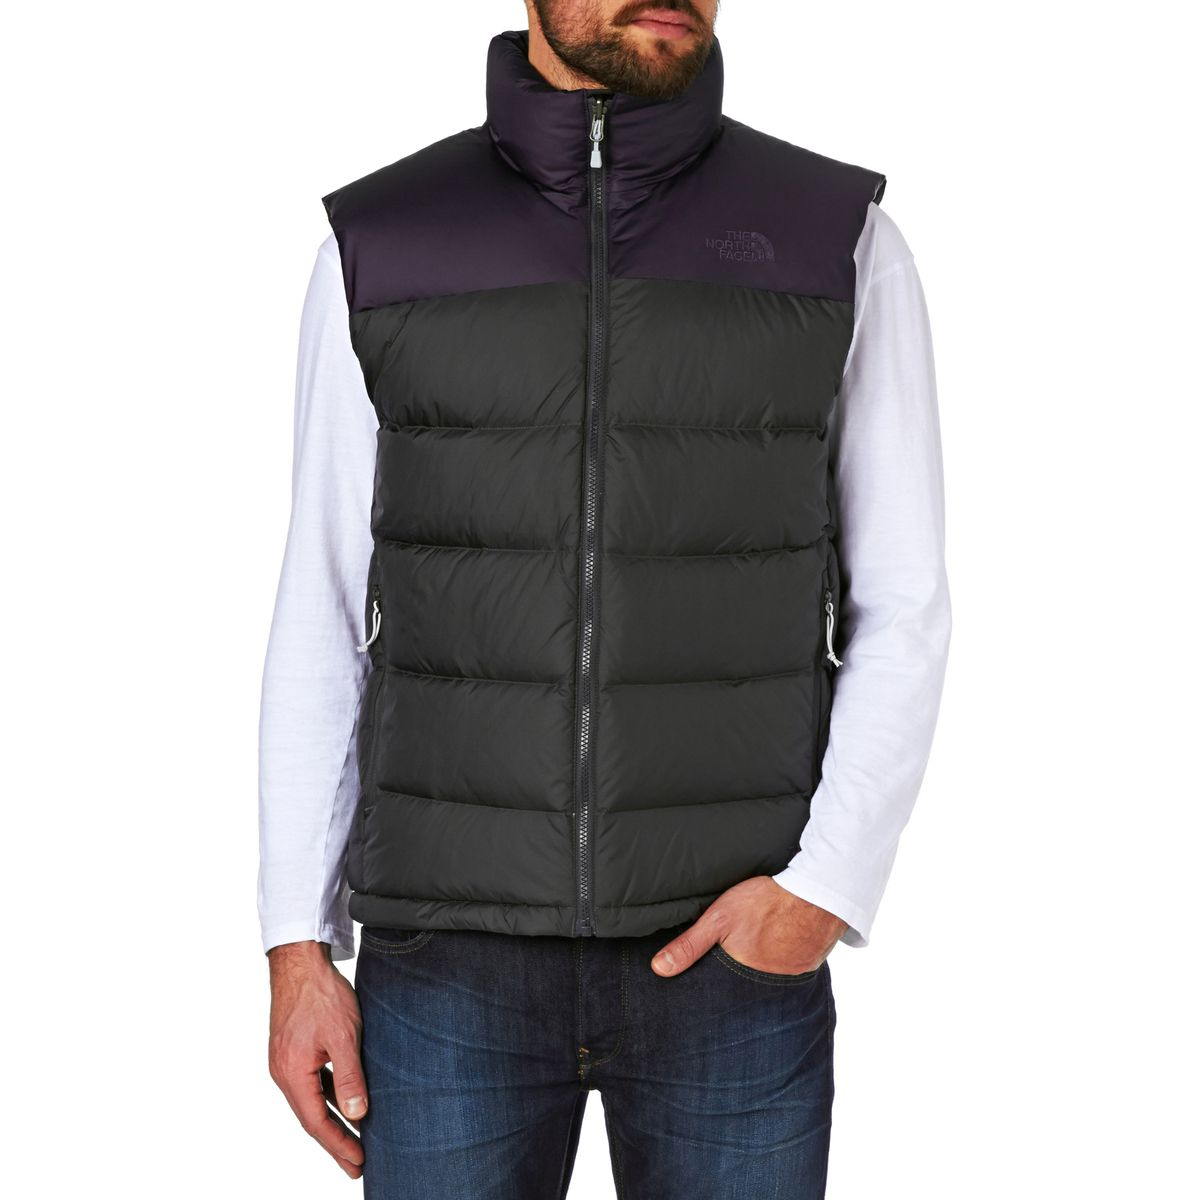 מעיל ללא שרוולים נורת פייס גברים מדגם  The North Face Men's Nupste 2 Vest grey/purple